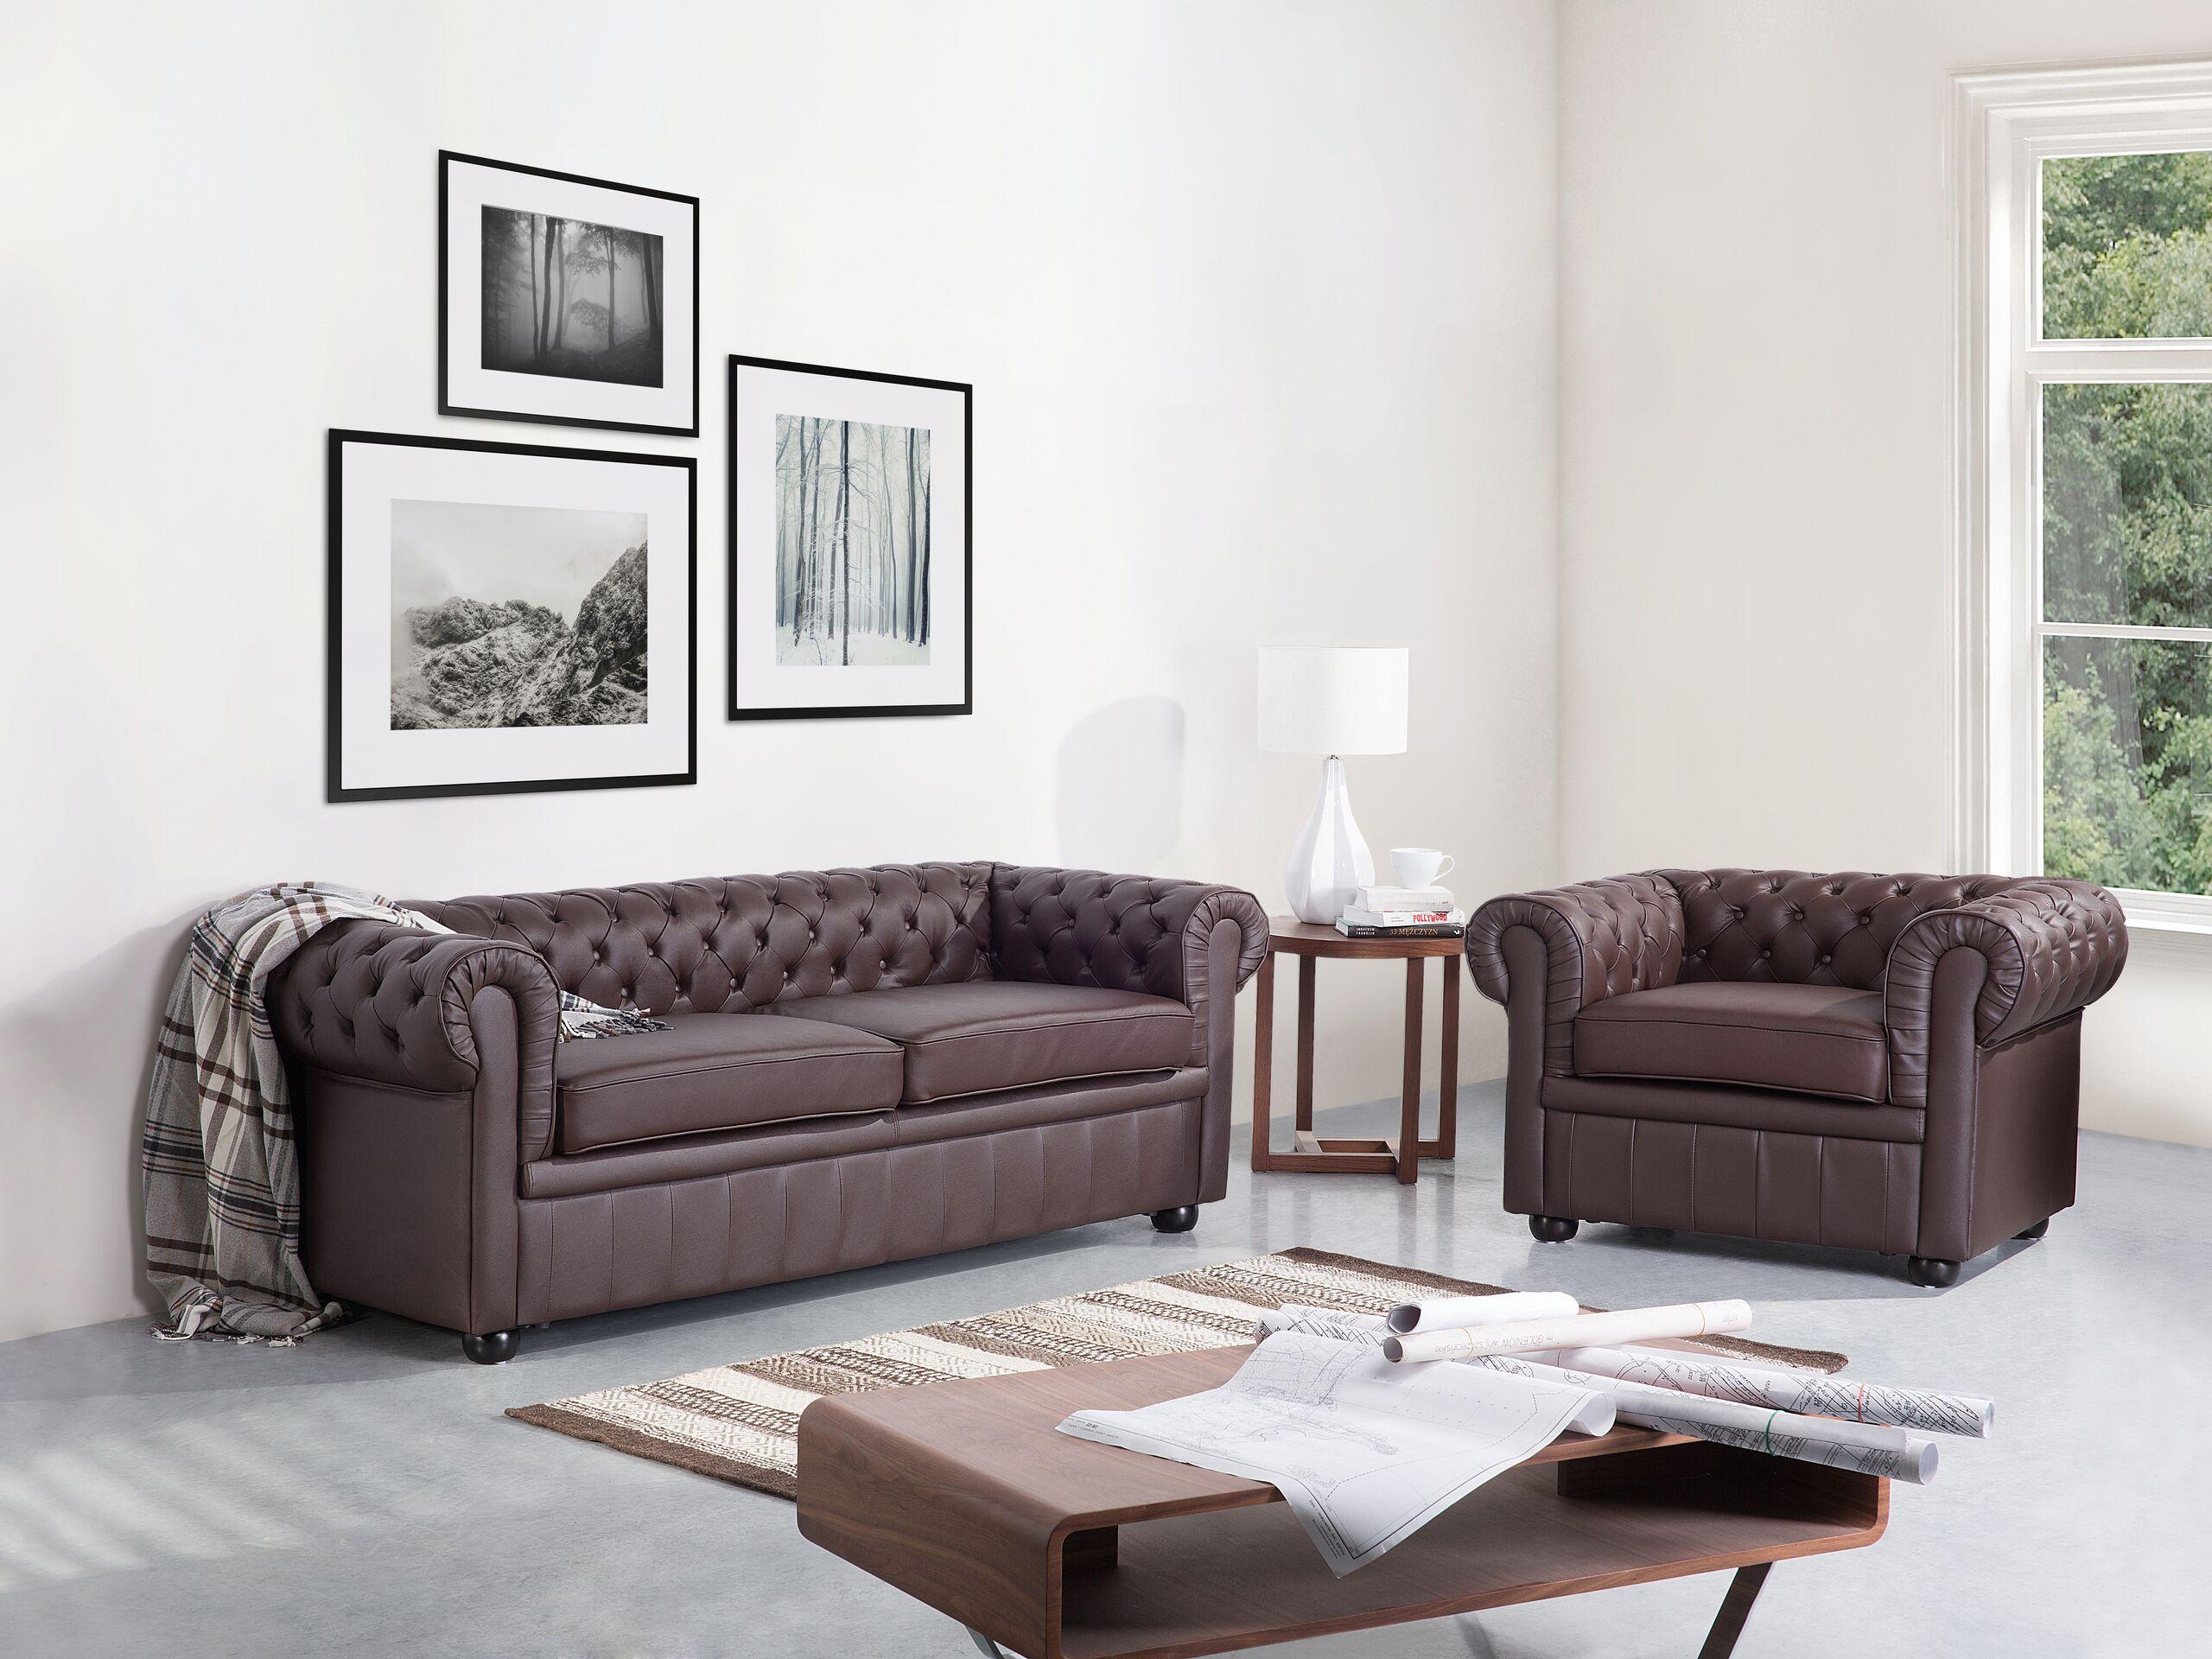 beliani set soggiorno chesterfield in pelle marrone divano a 3 posti + poltrona